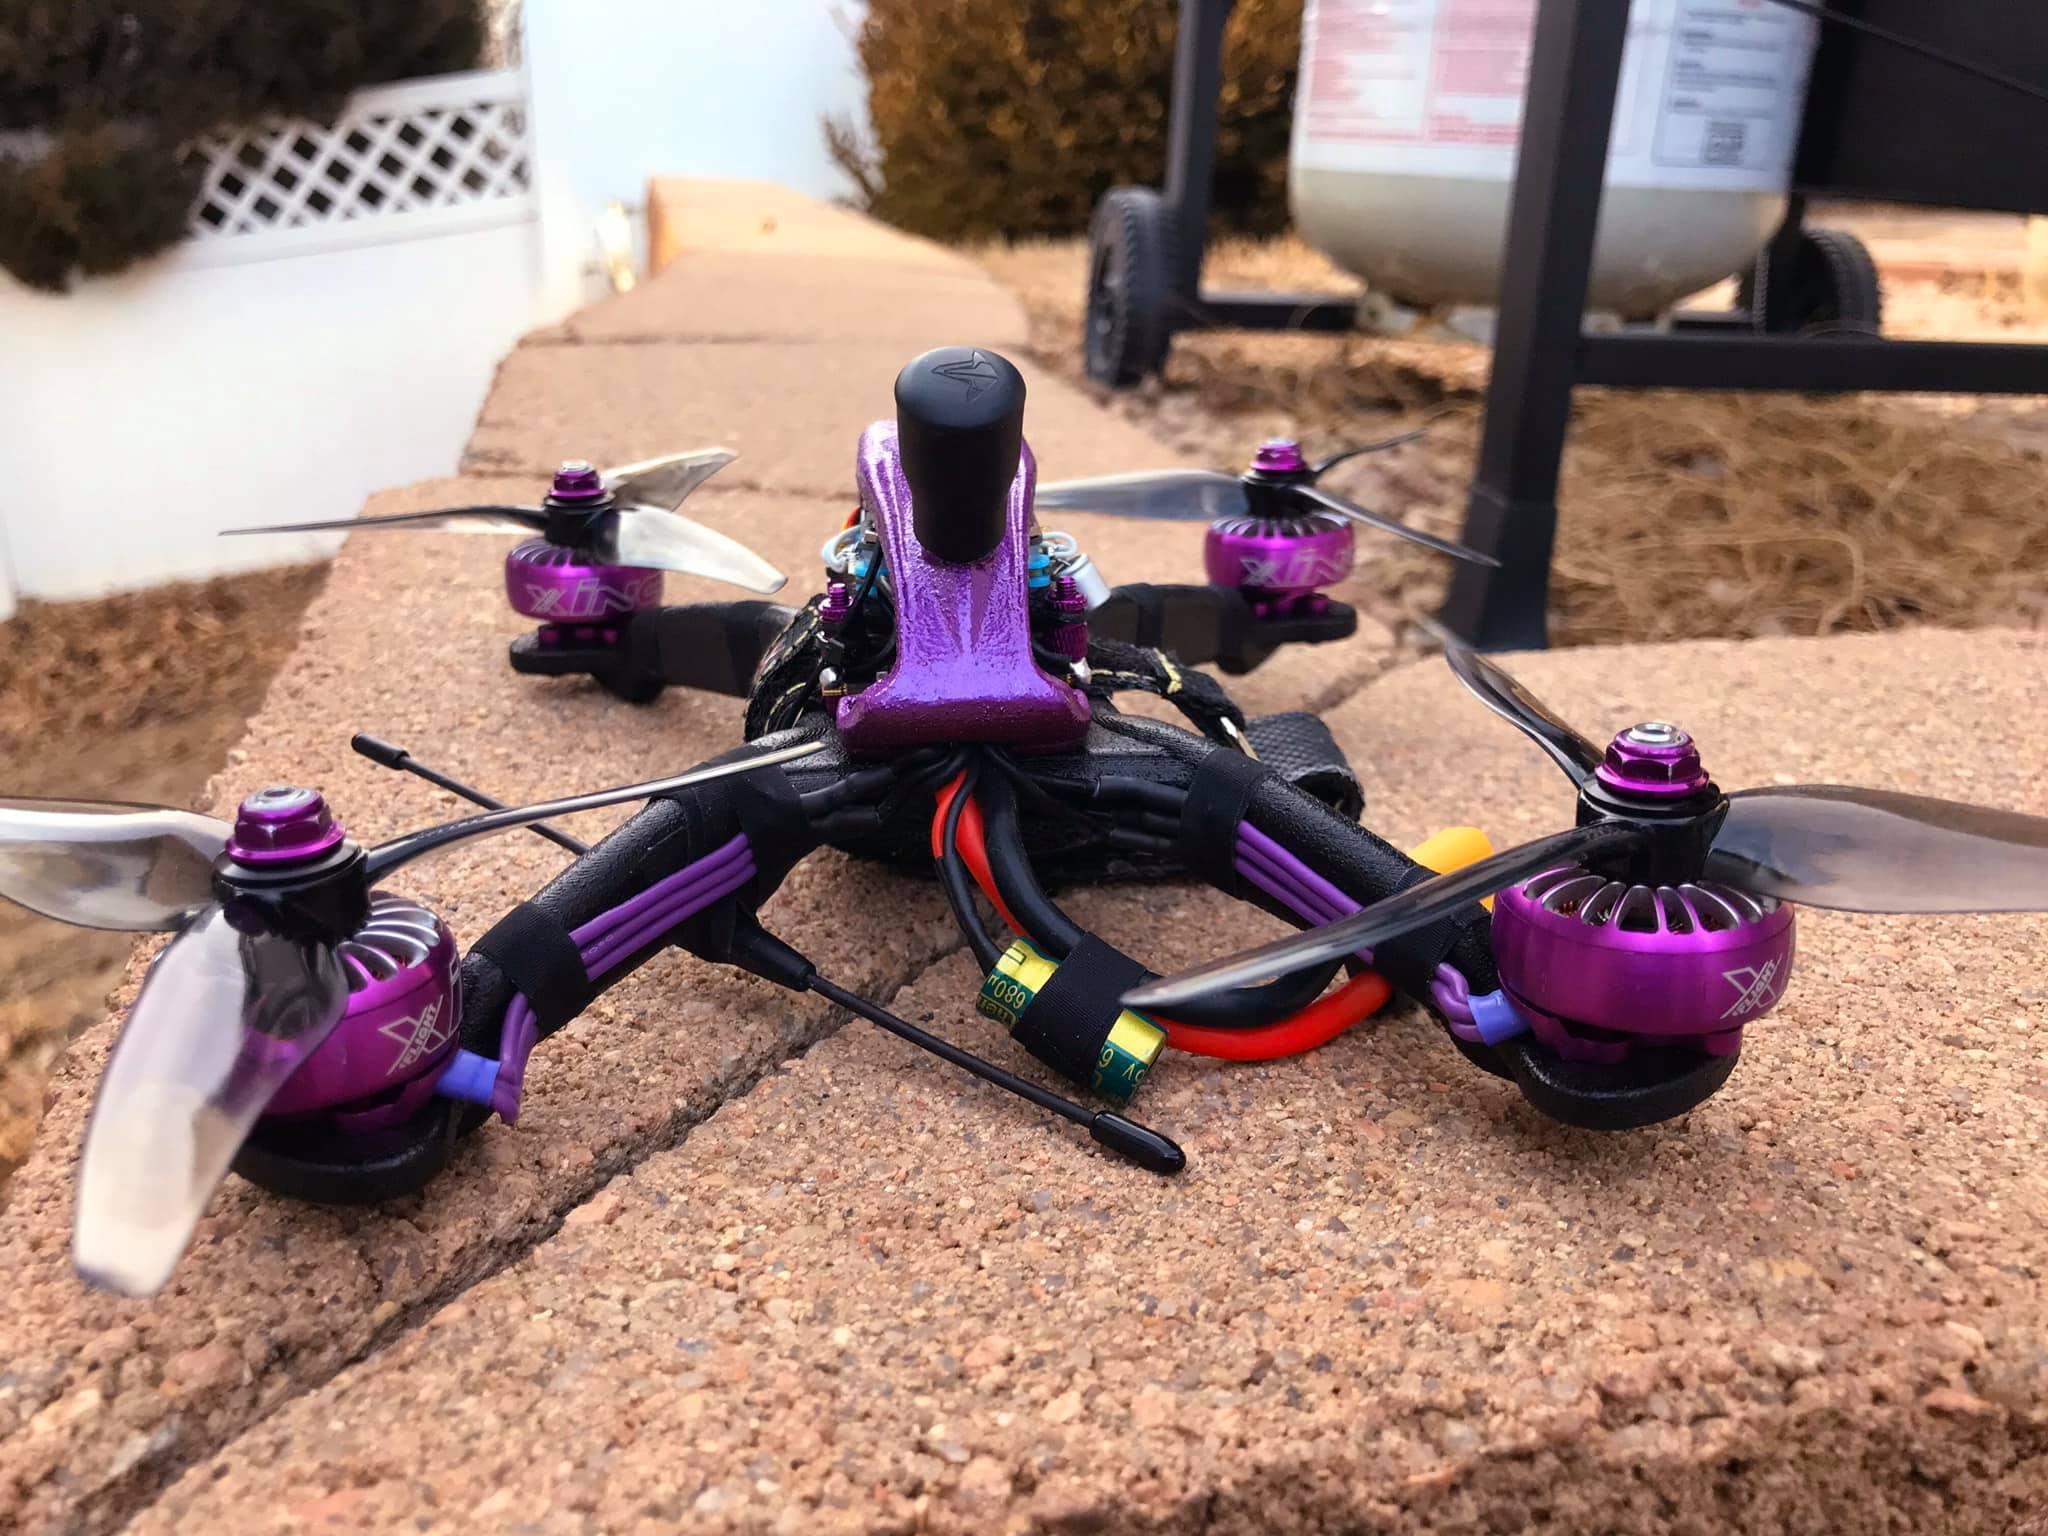 82772112_10160887118047355_1951982418927812608_o.jpg Télécharger fichier STL gratuit Cadre du quadriporteur Exorcist Racing (nouveau modèle) • Design pour impression 3D, DuckyRC